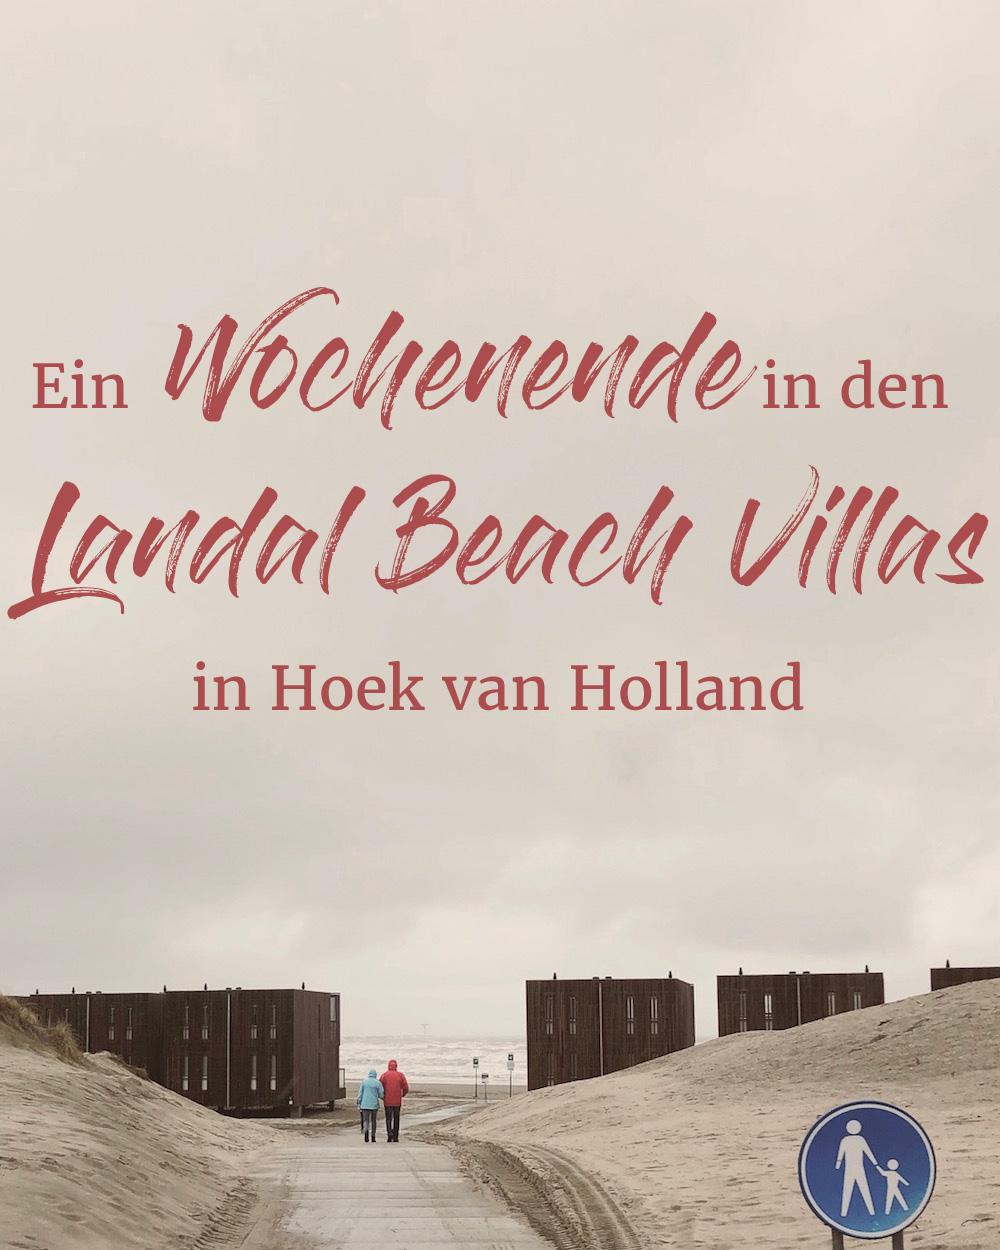 uberhusband, Nobby und ich warem zum Urlaub mit Hund in den Landal Beach Villas in Hoek van Holland zu Gast.